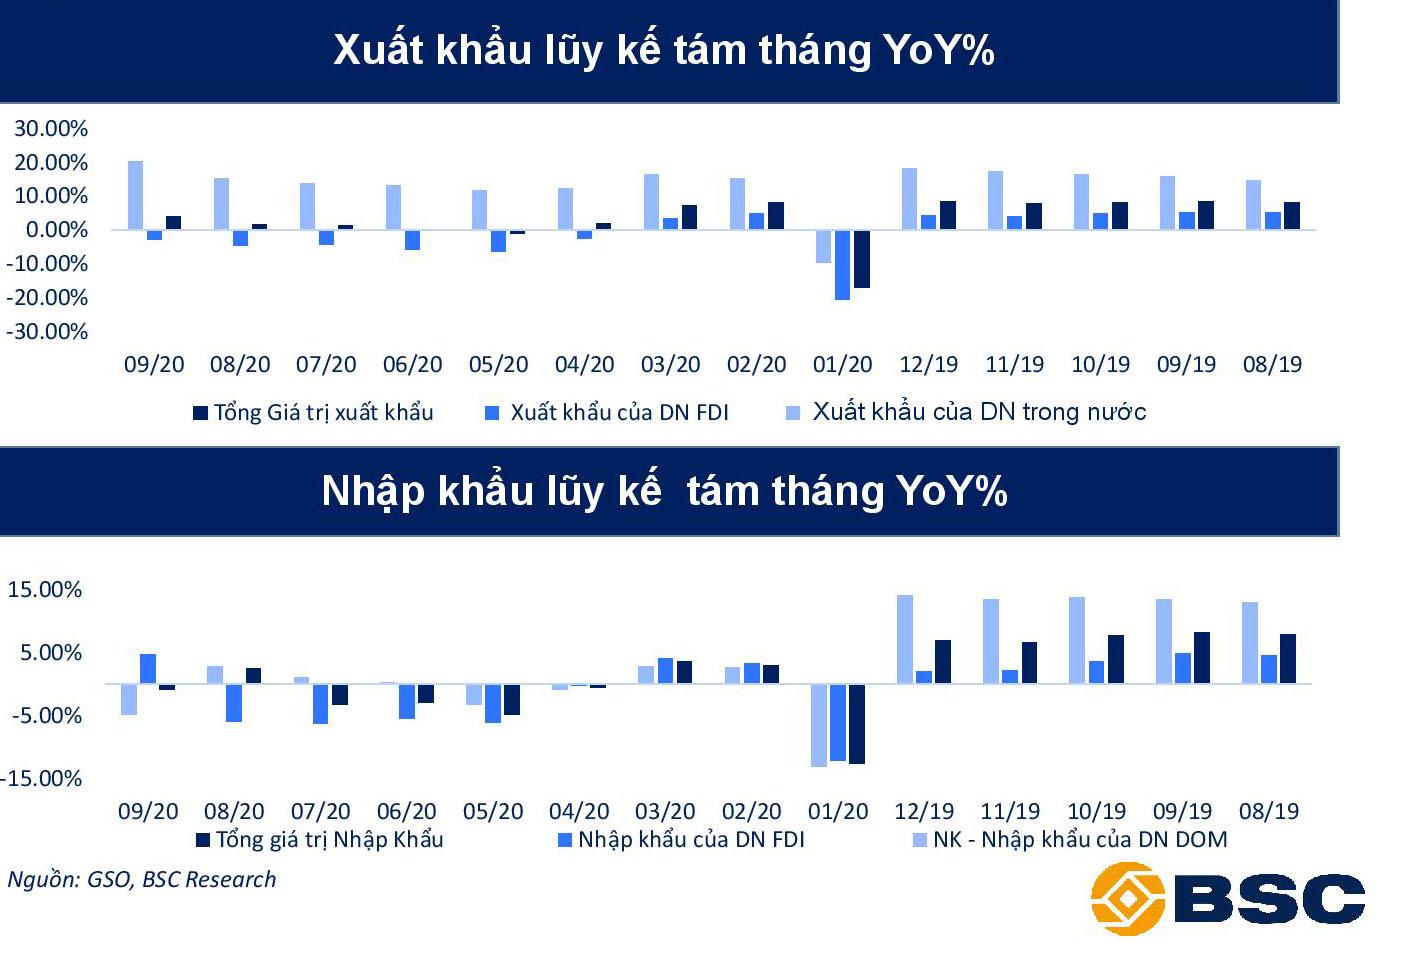 BSC: Kinh tế dần bình ổn sau dịch, cẩn trọng một số rủi ro ảnh hưởng tiêu cực tới GDP - Ảnh 5.